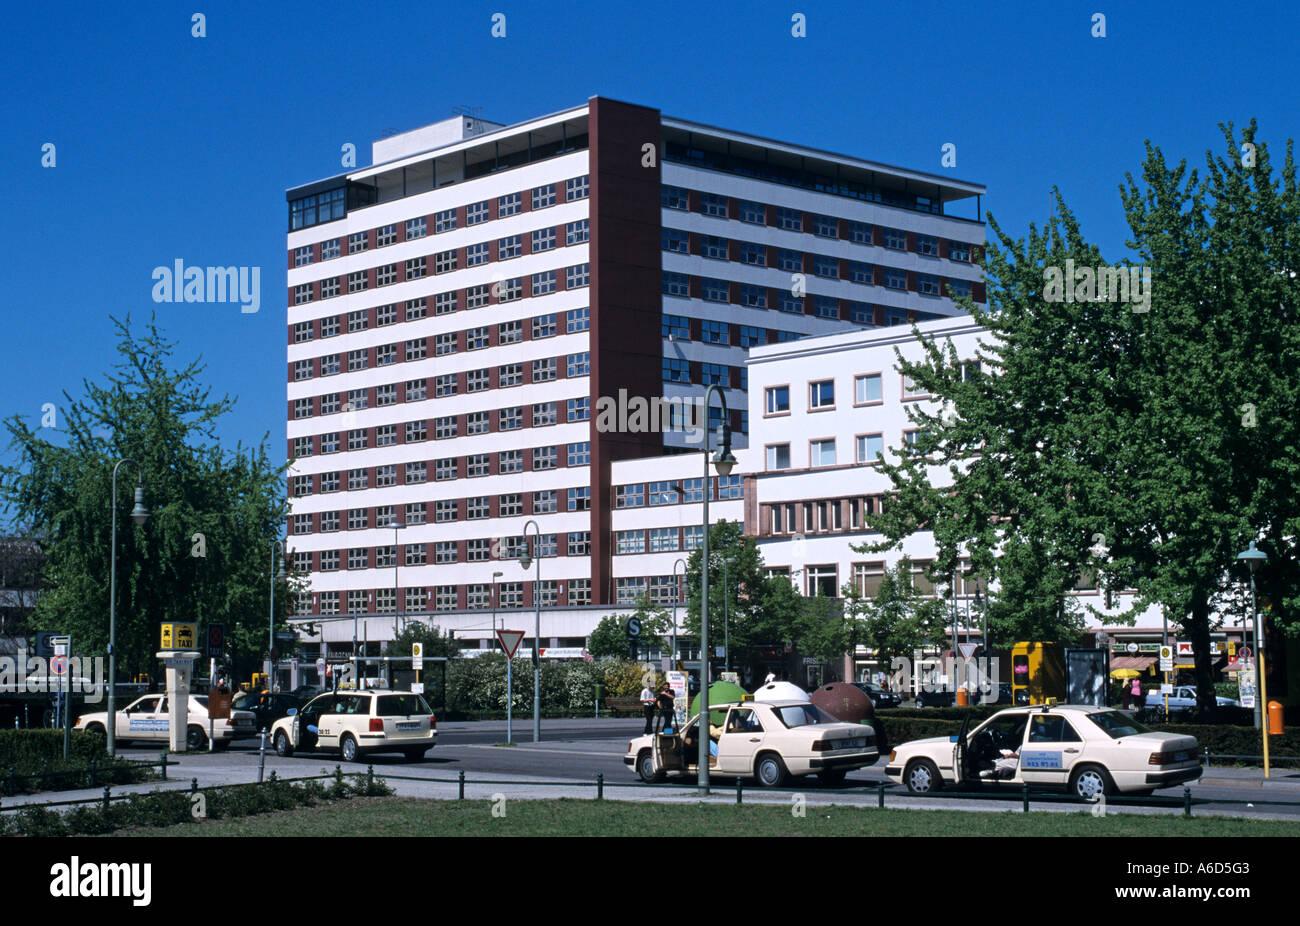 Berlin Friedrichshain Kreuzberg Bundesministerium fuer wirtschaftliche Zusammenarbeit und Entwicklung Stock Photo